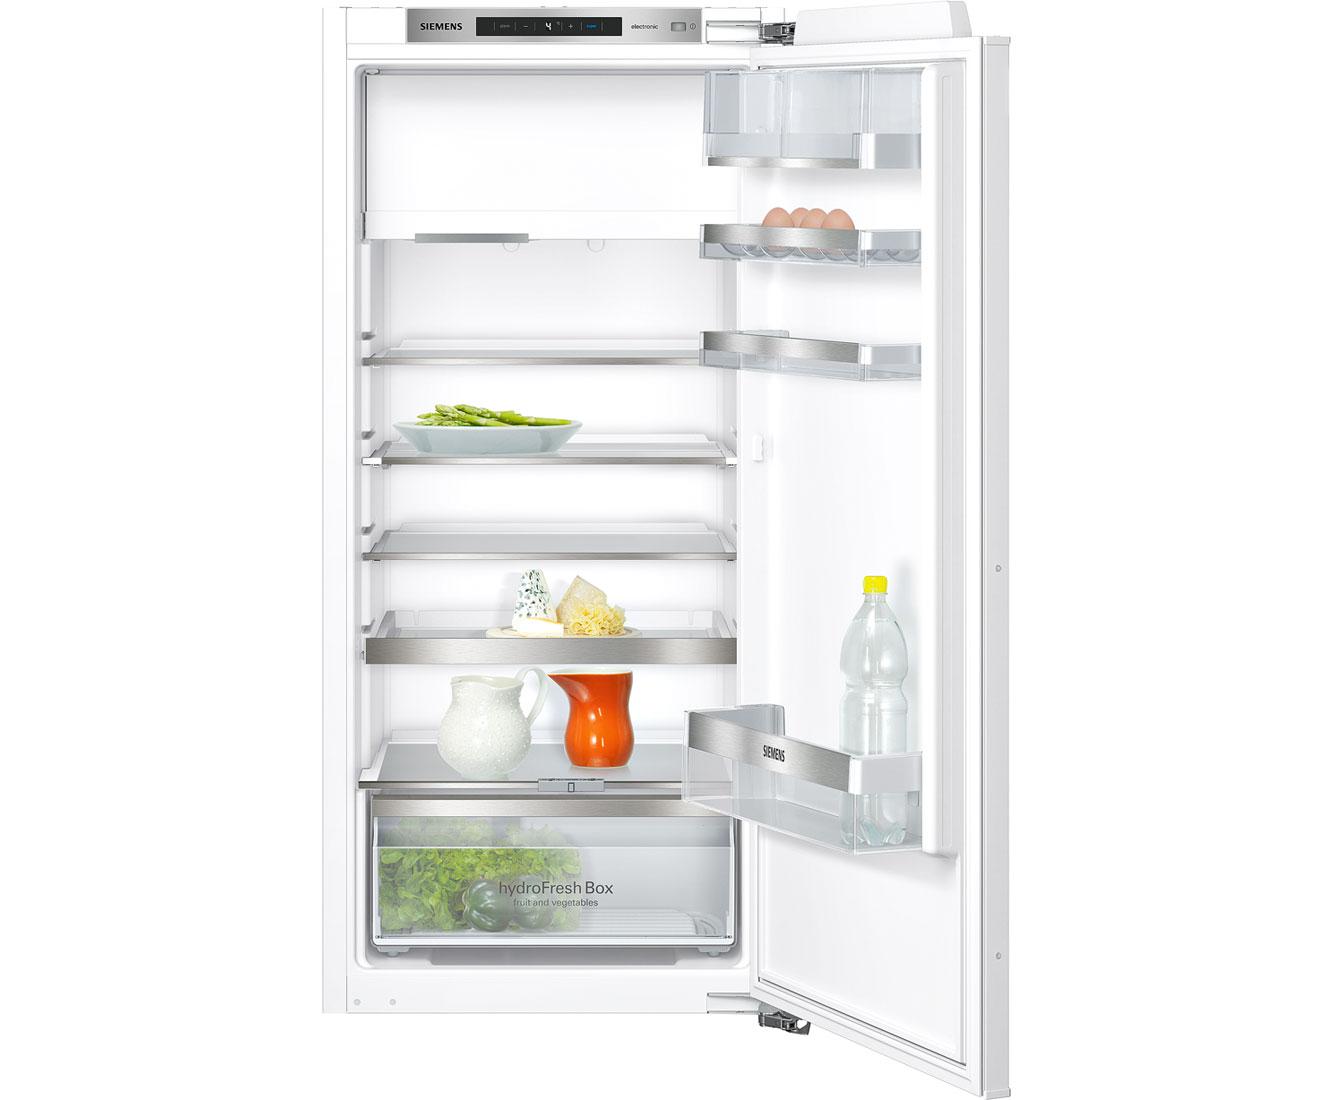 iQ500 KI42LAD40 Kühlschränke - Weiss